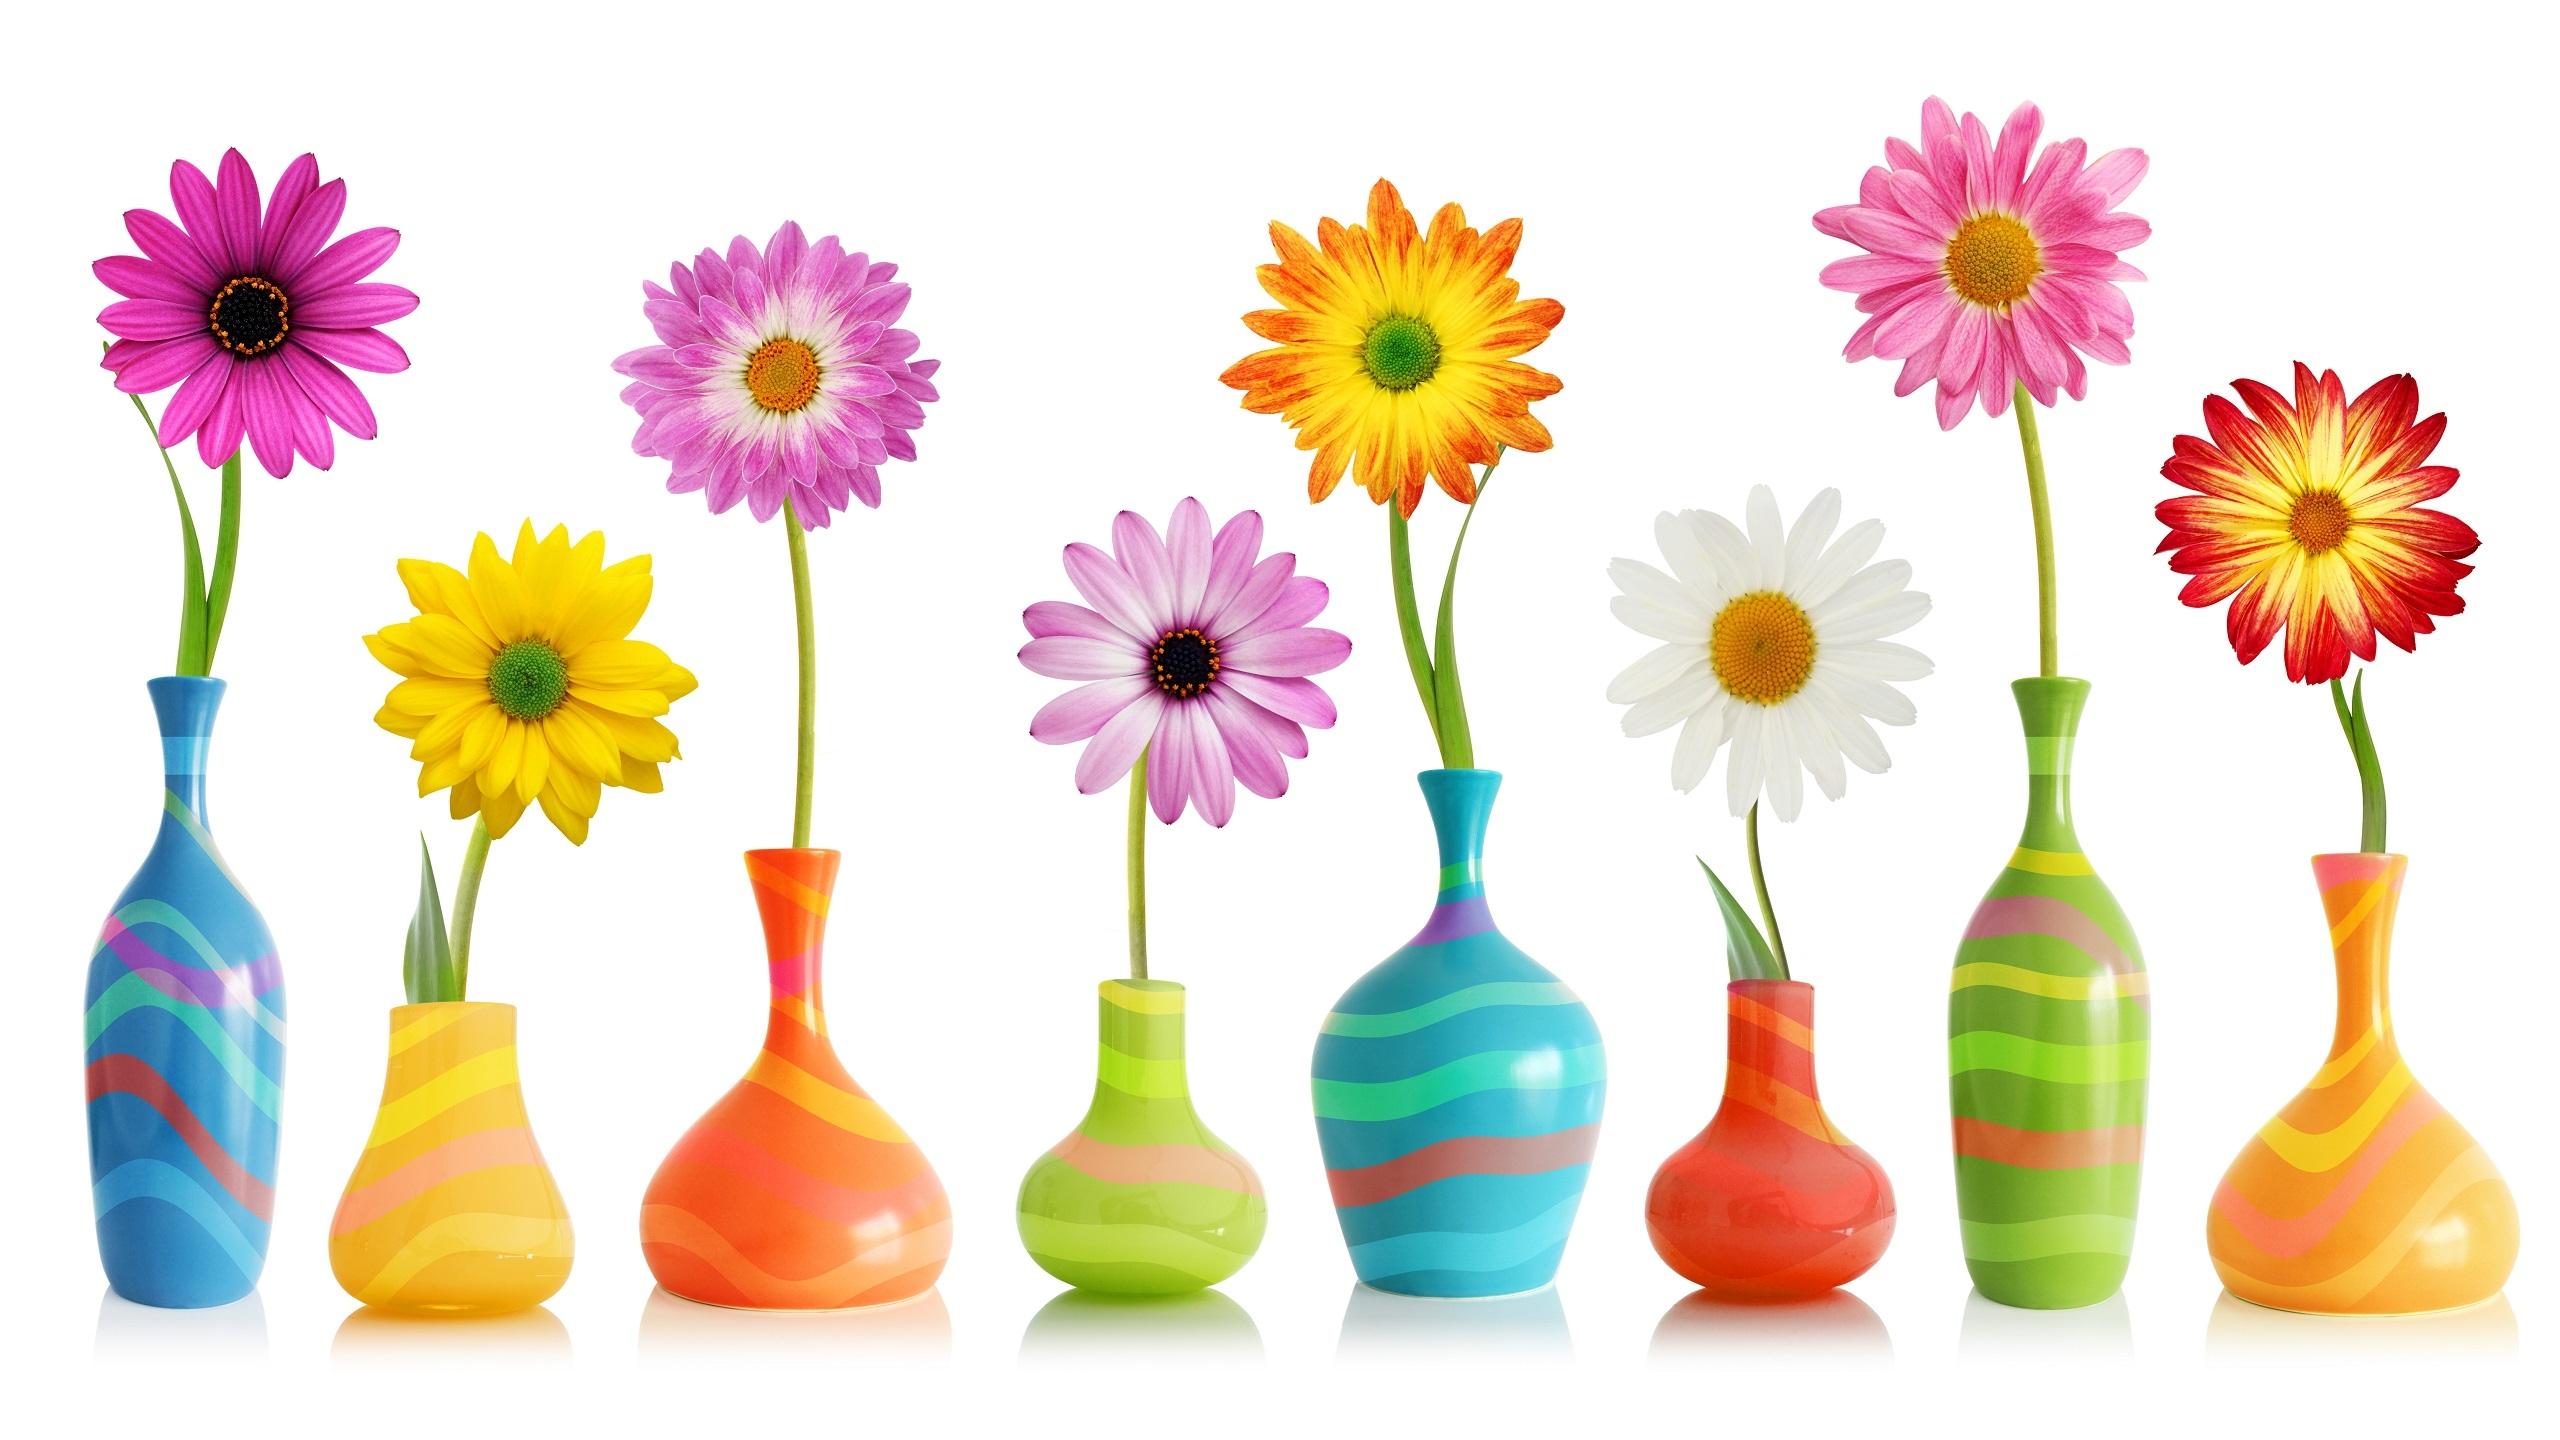 Kolorowe kwiaty we wzorzystych wazonikach